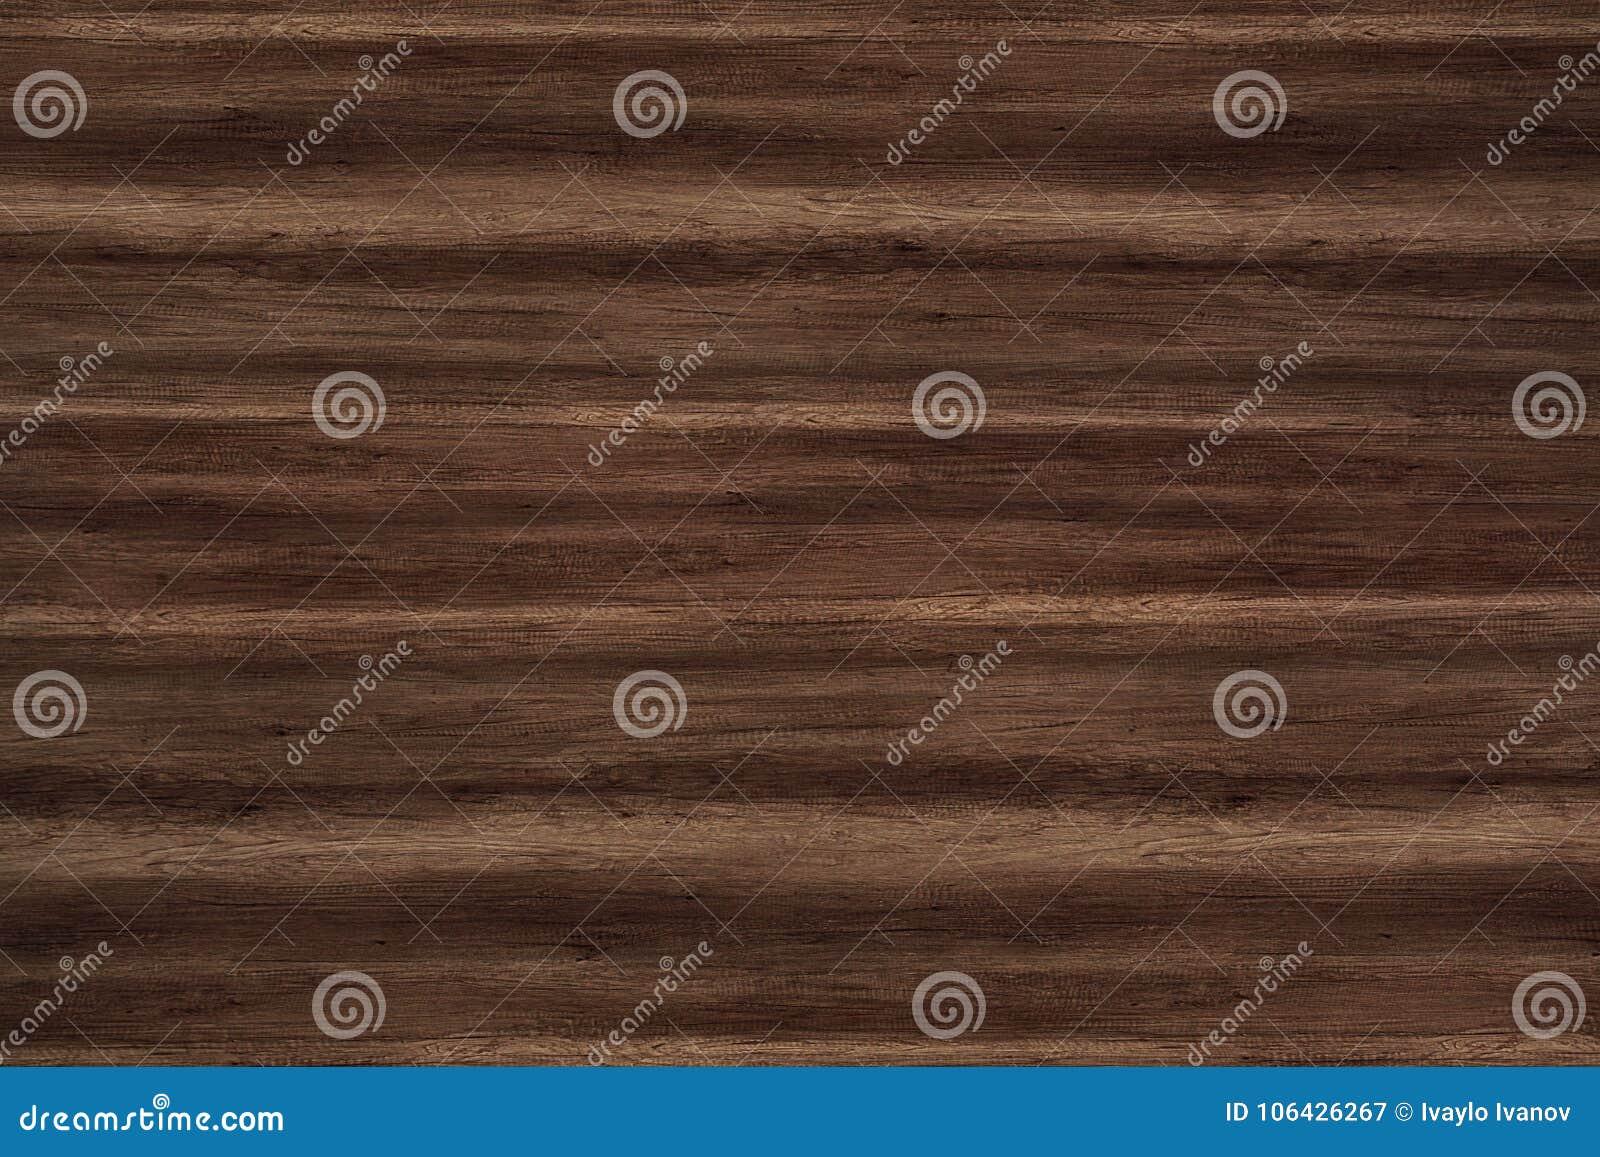 Ξύλινο υπόβαθρο σύστασης σχεδίων Grunge, ξύλινη σύσταση υποβάθρου